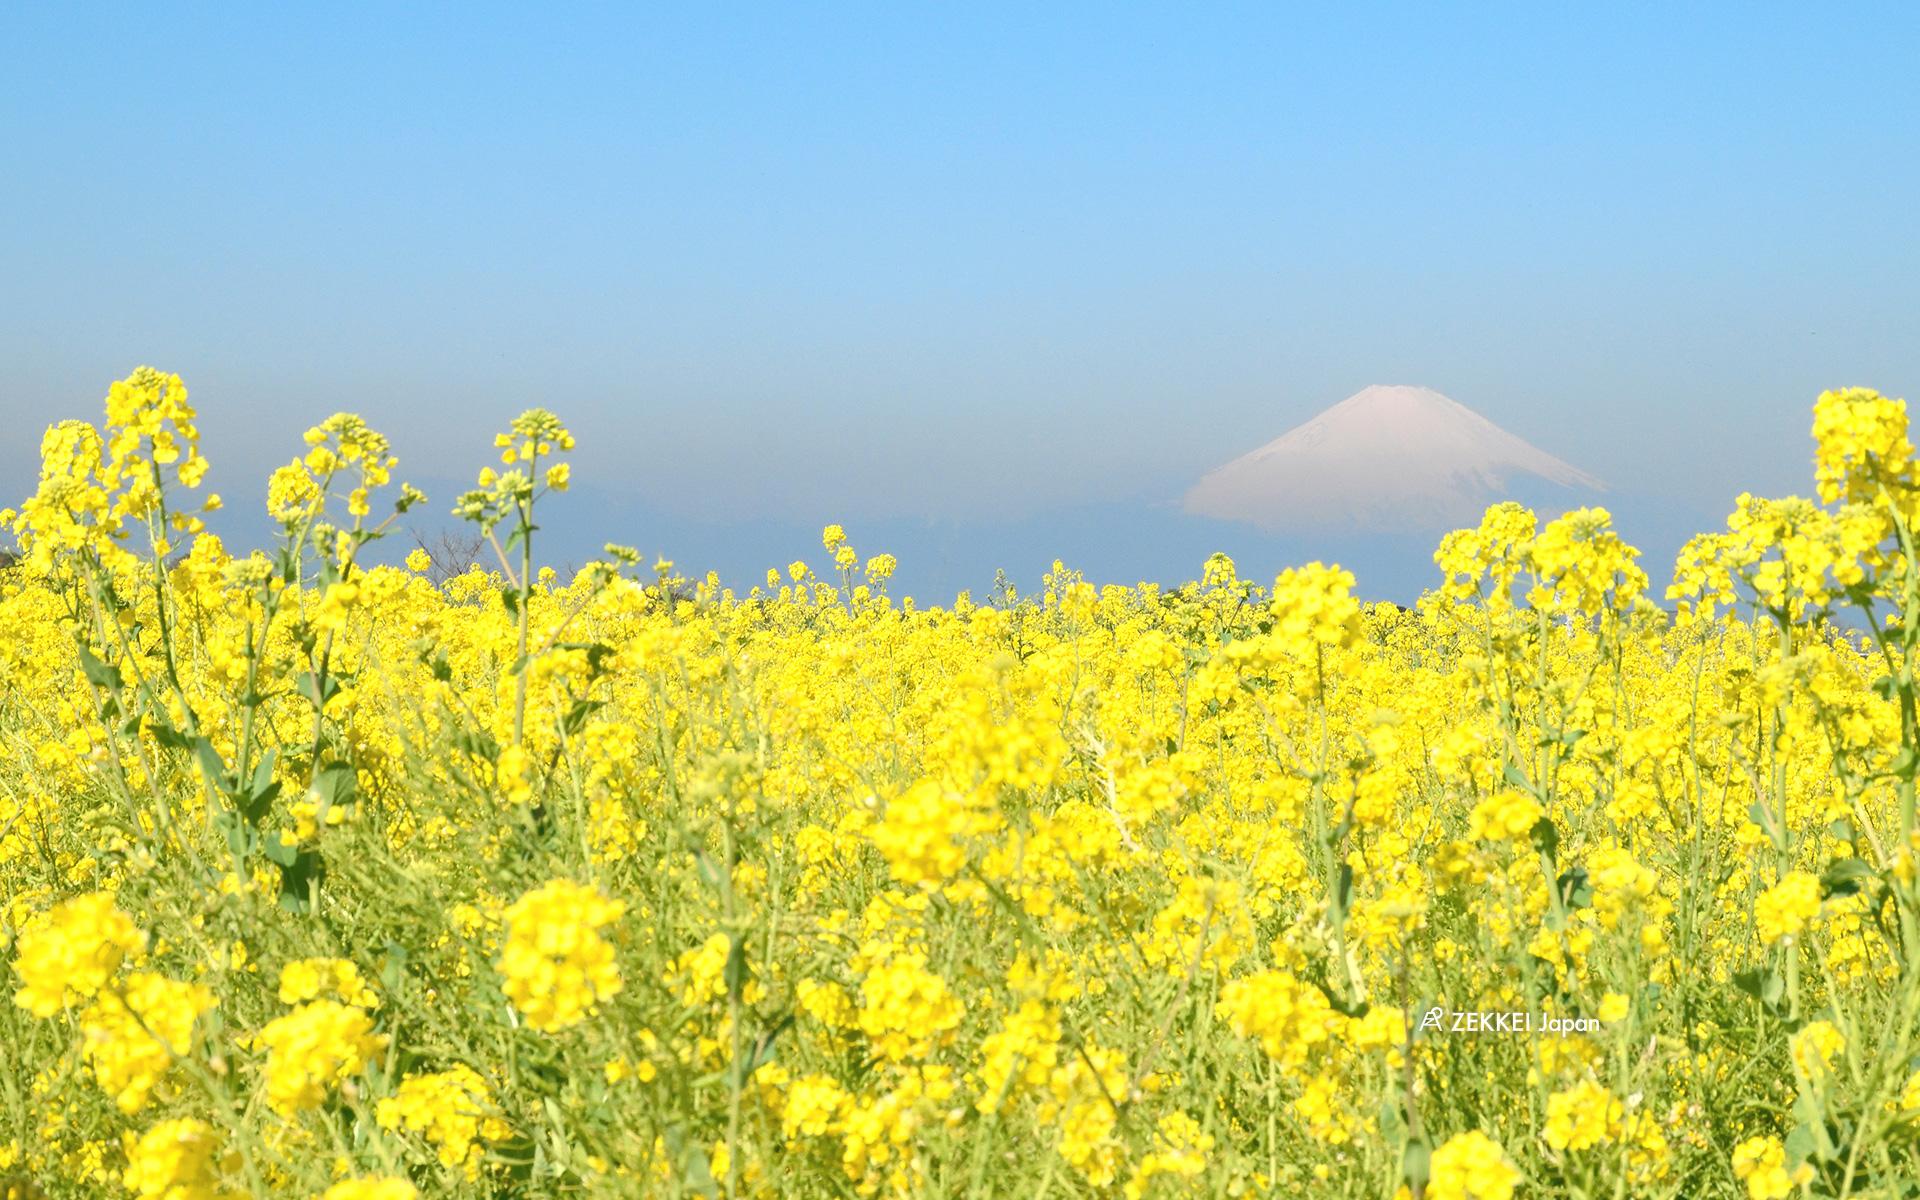 春の絶景壁紙 のどかな菜の花の絶景をあなたの待ち受けに Zekkei Japan